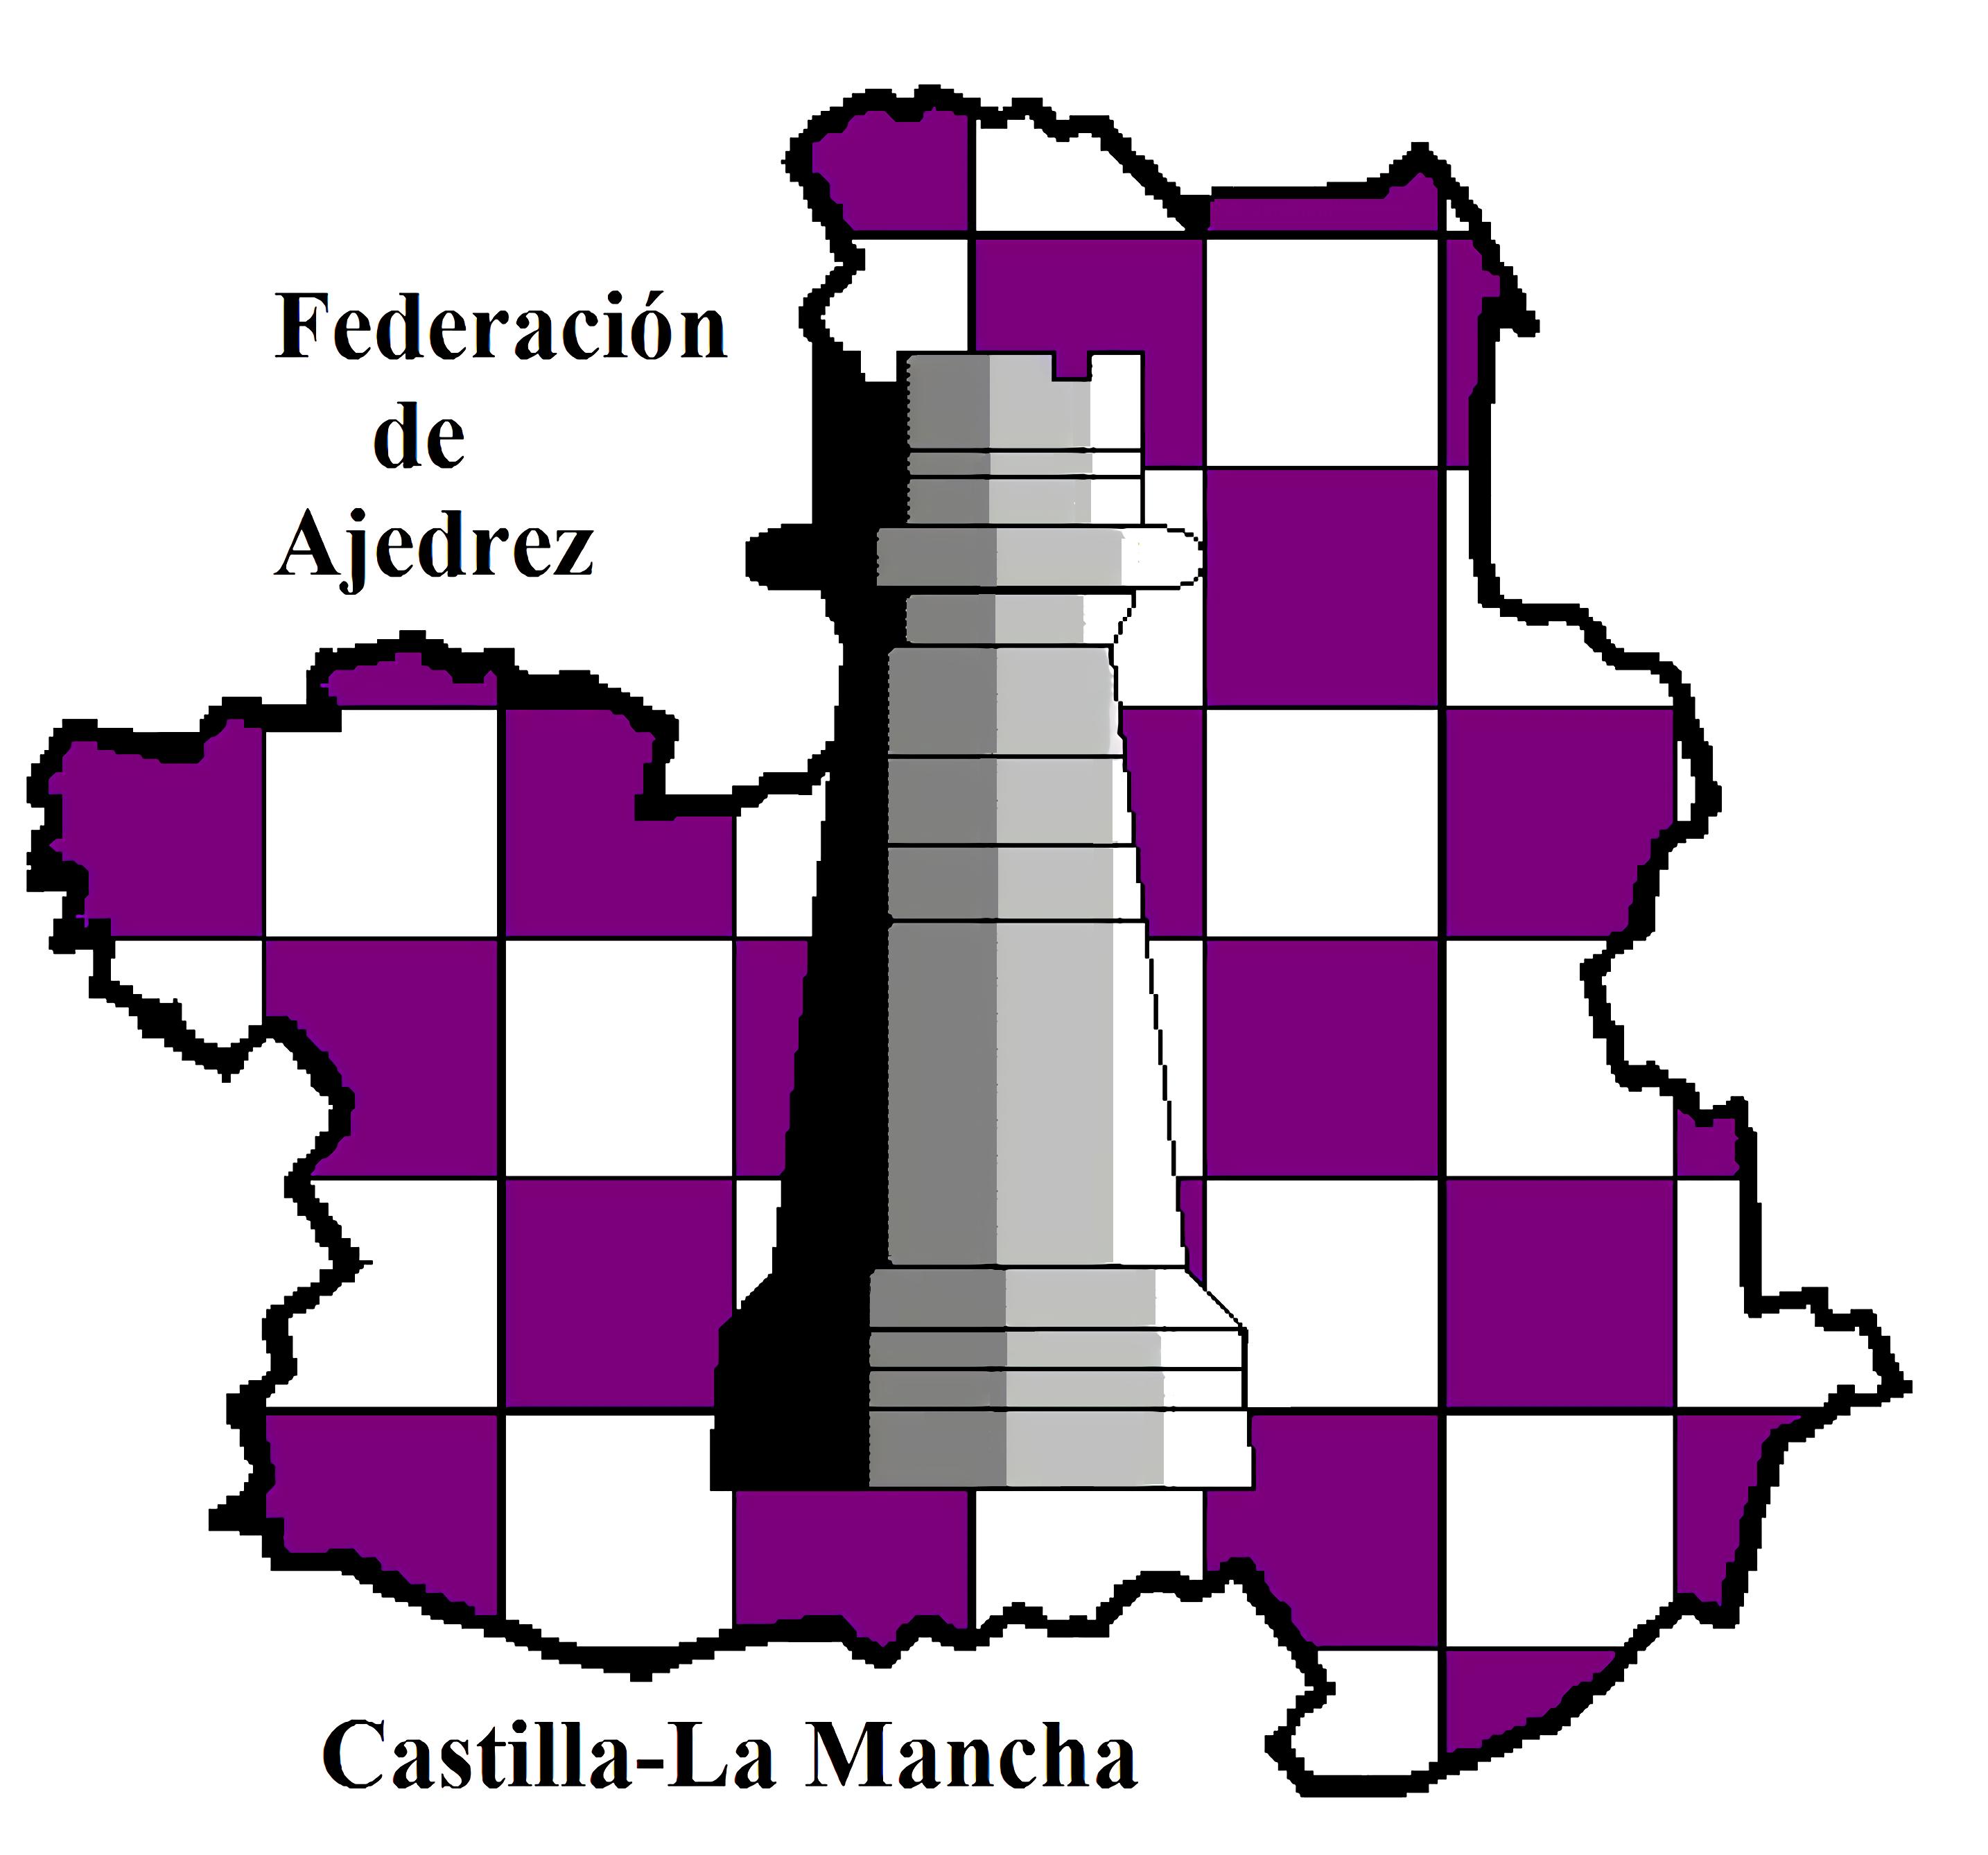 logo fed ajedrez